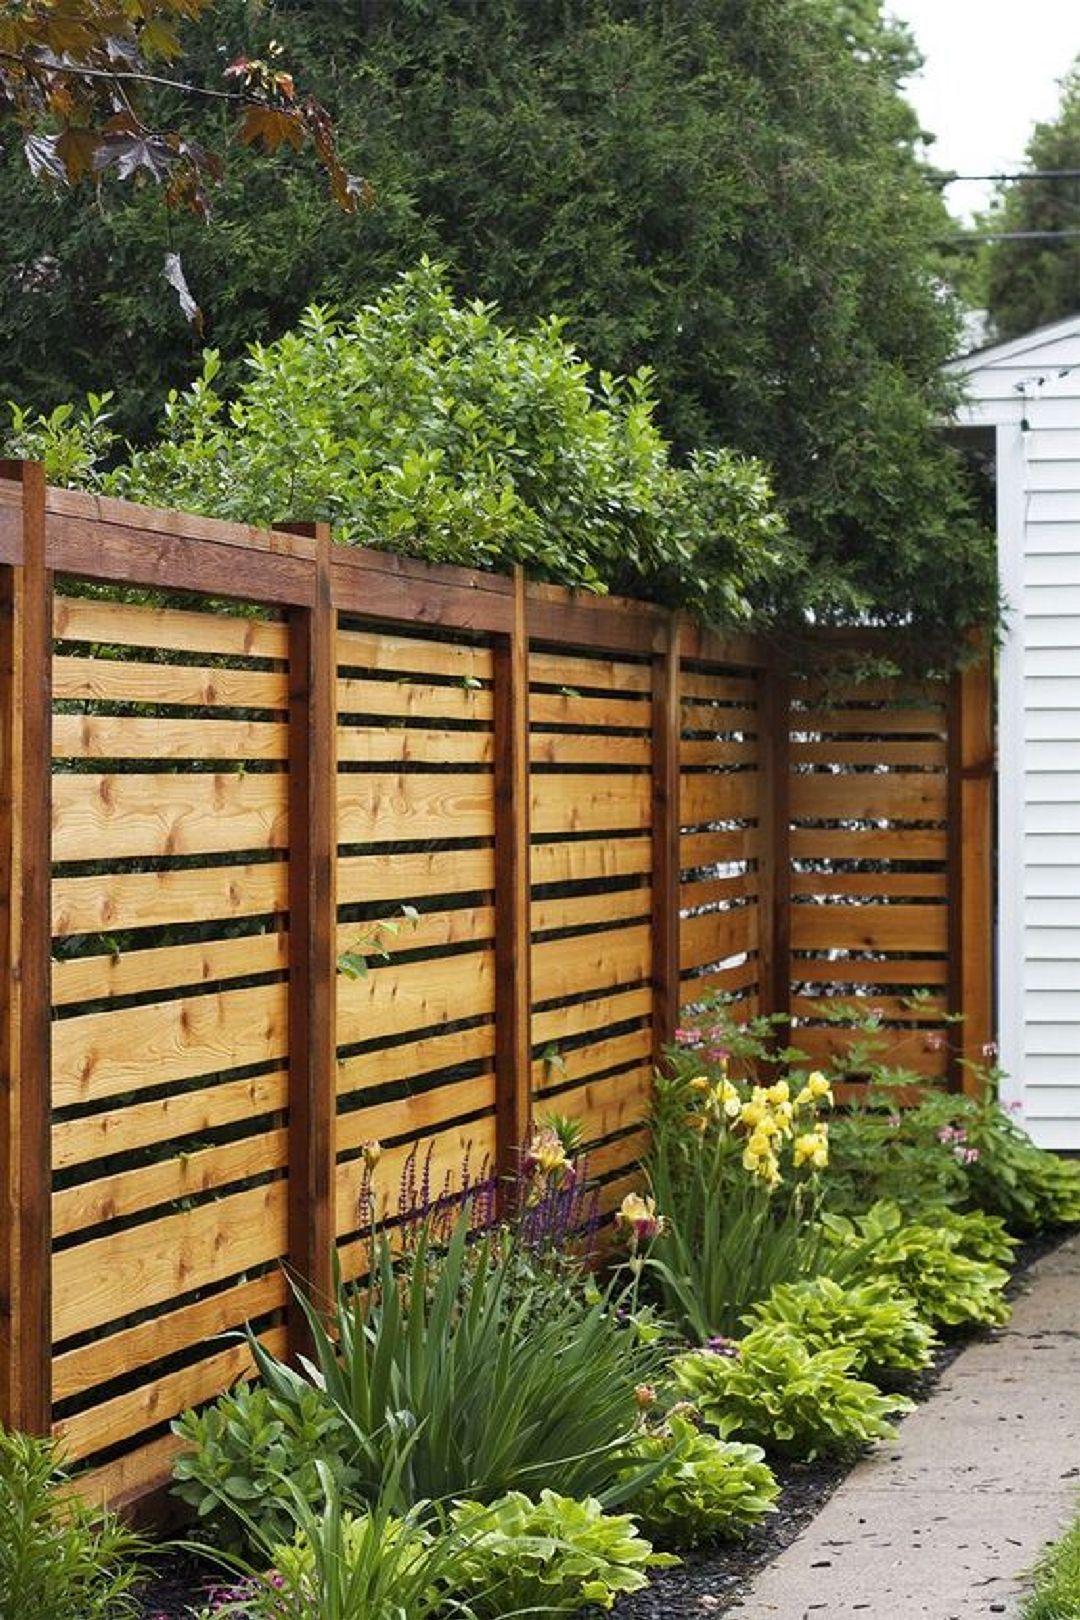 Best Indoor Garden Ideas For 2020 In 2020 Diy Privacy Fence